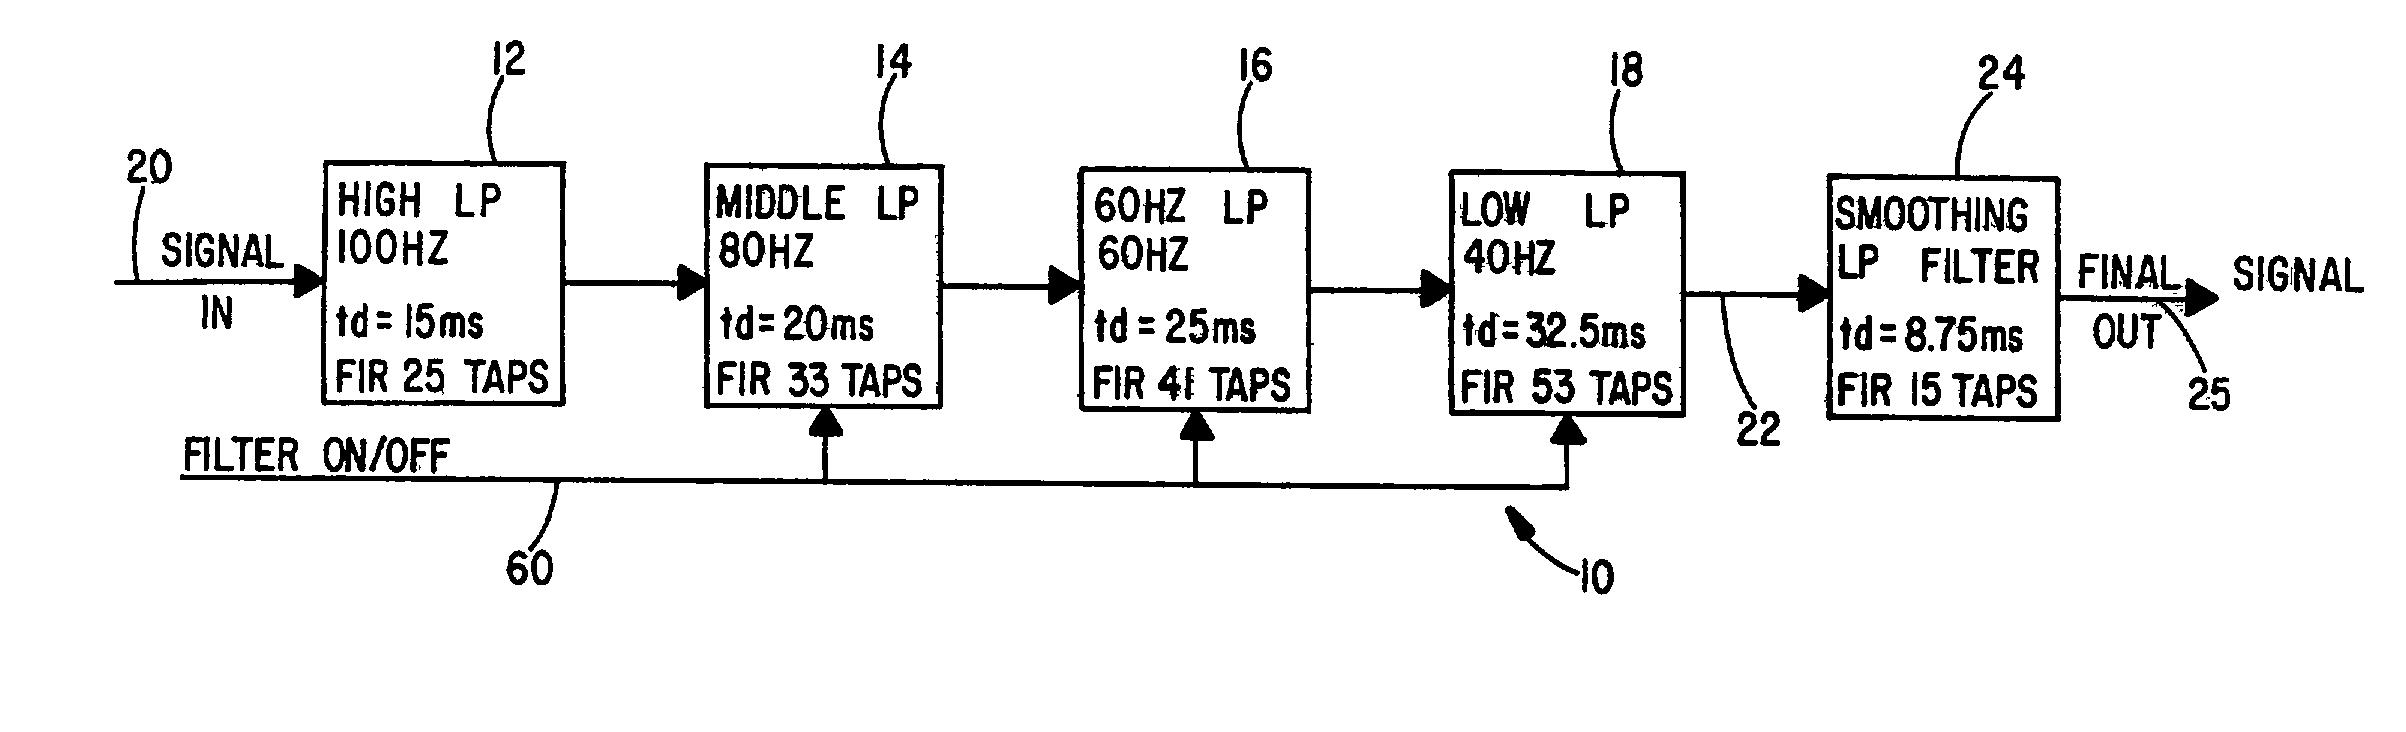 براءة الاختراع US20030083583 - Low distortion ECG filter - براءات